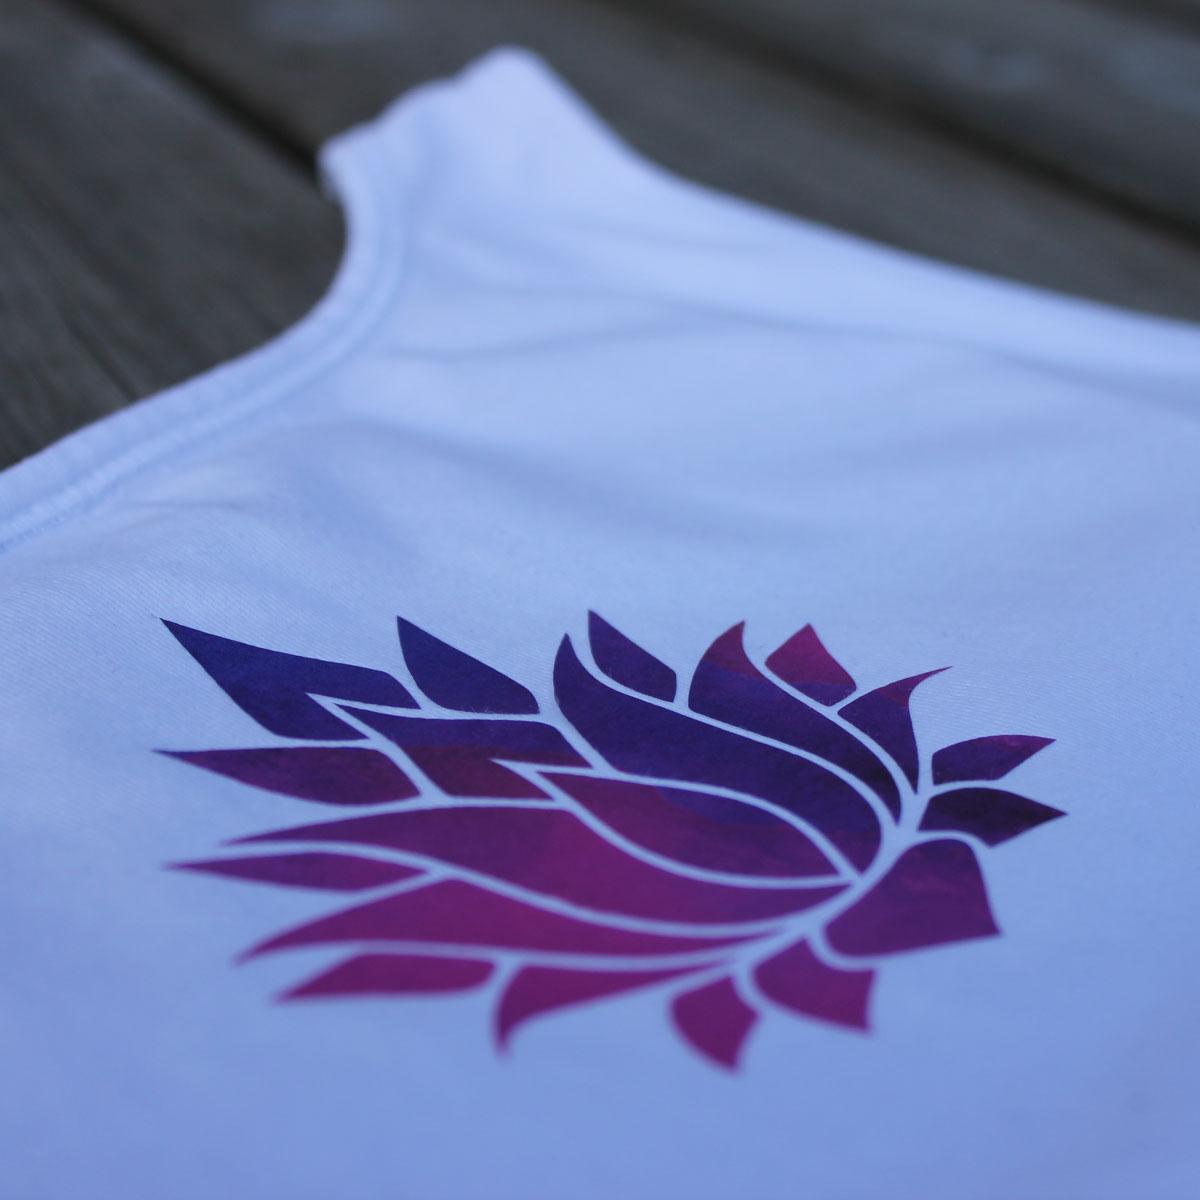 Der Farbverlauf der Aquarellfolie passt super zu der Lotusblüte.